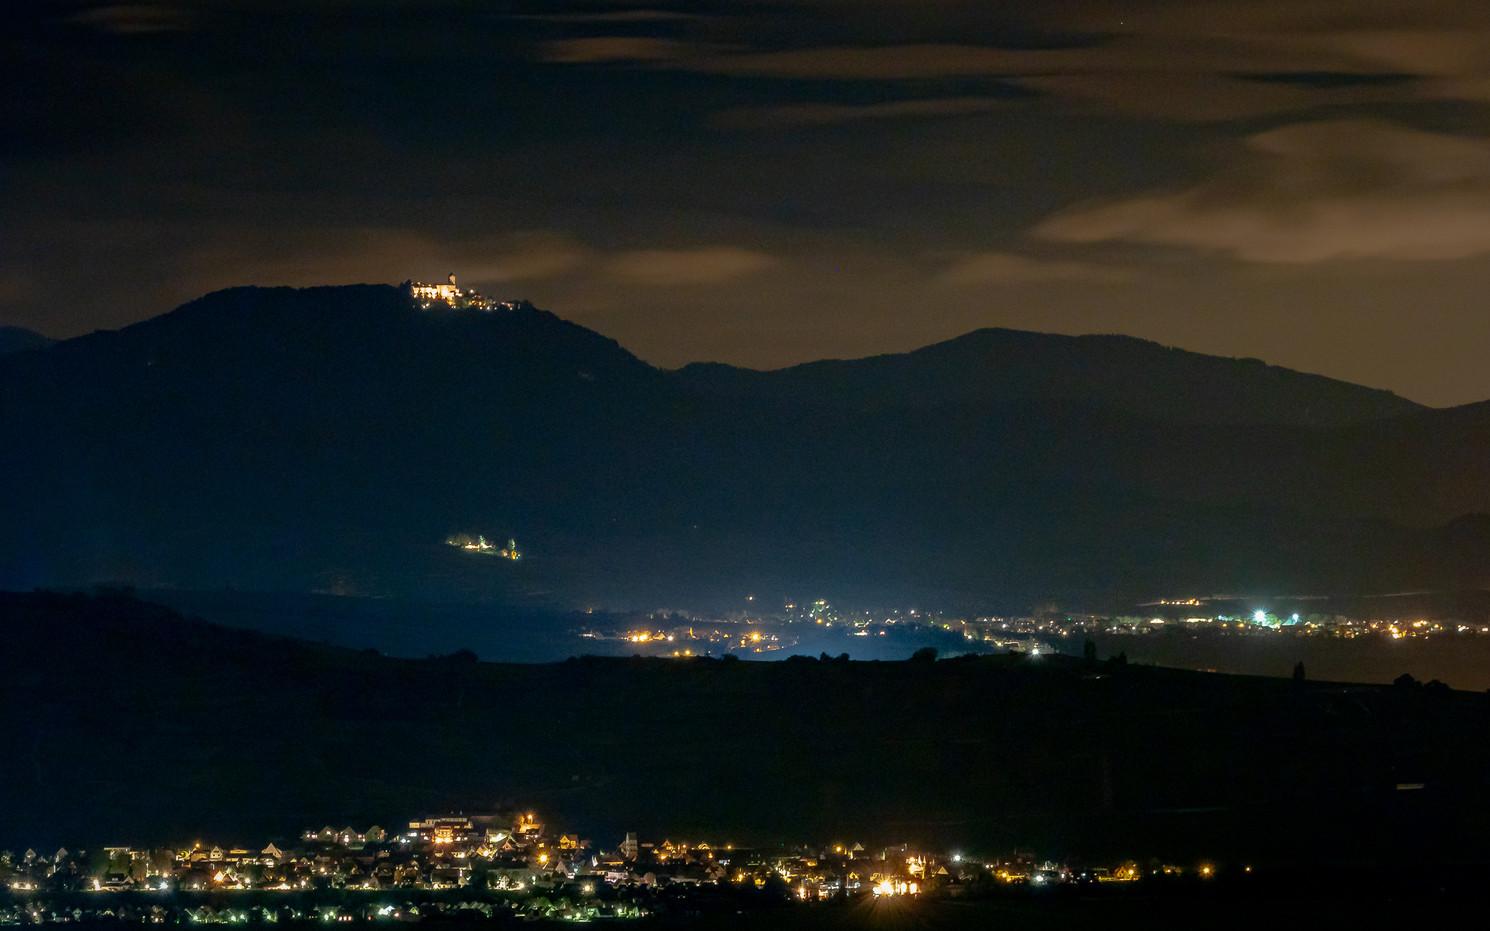 2020-10-09 Plaine d'Alsace de nuit-6.jpg